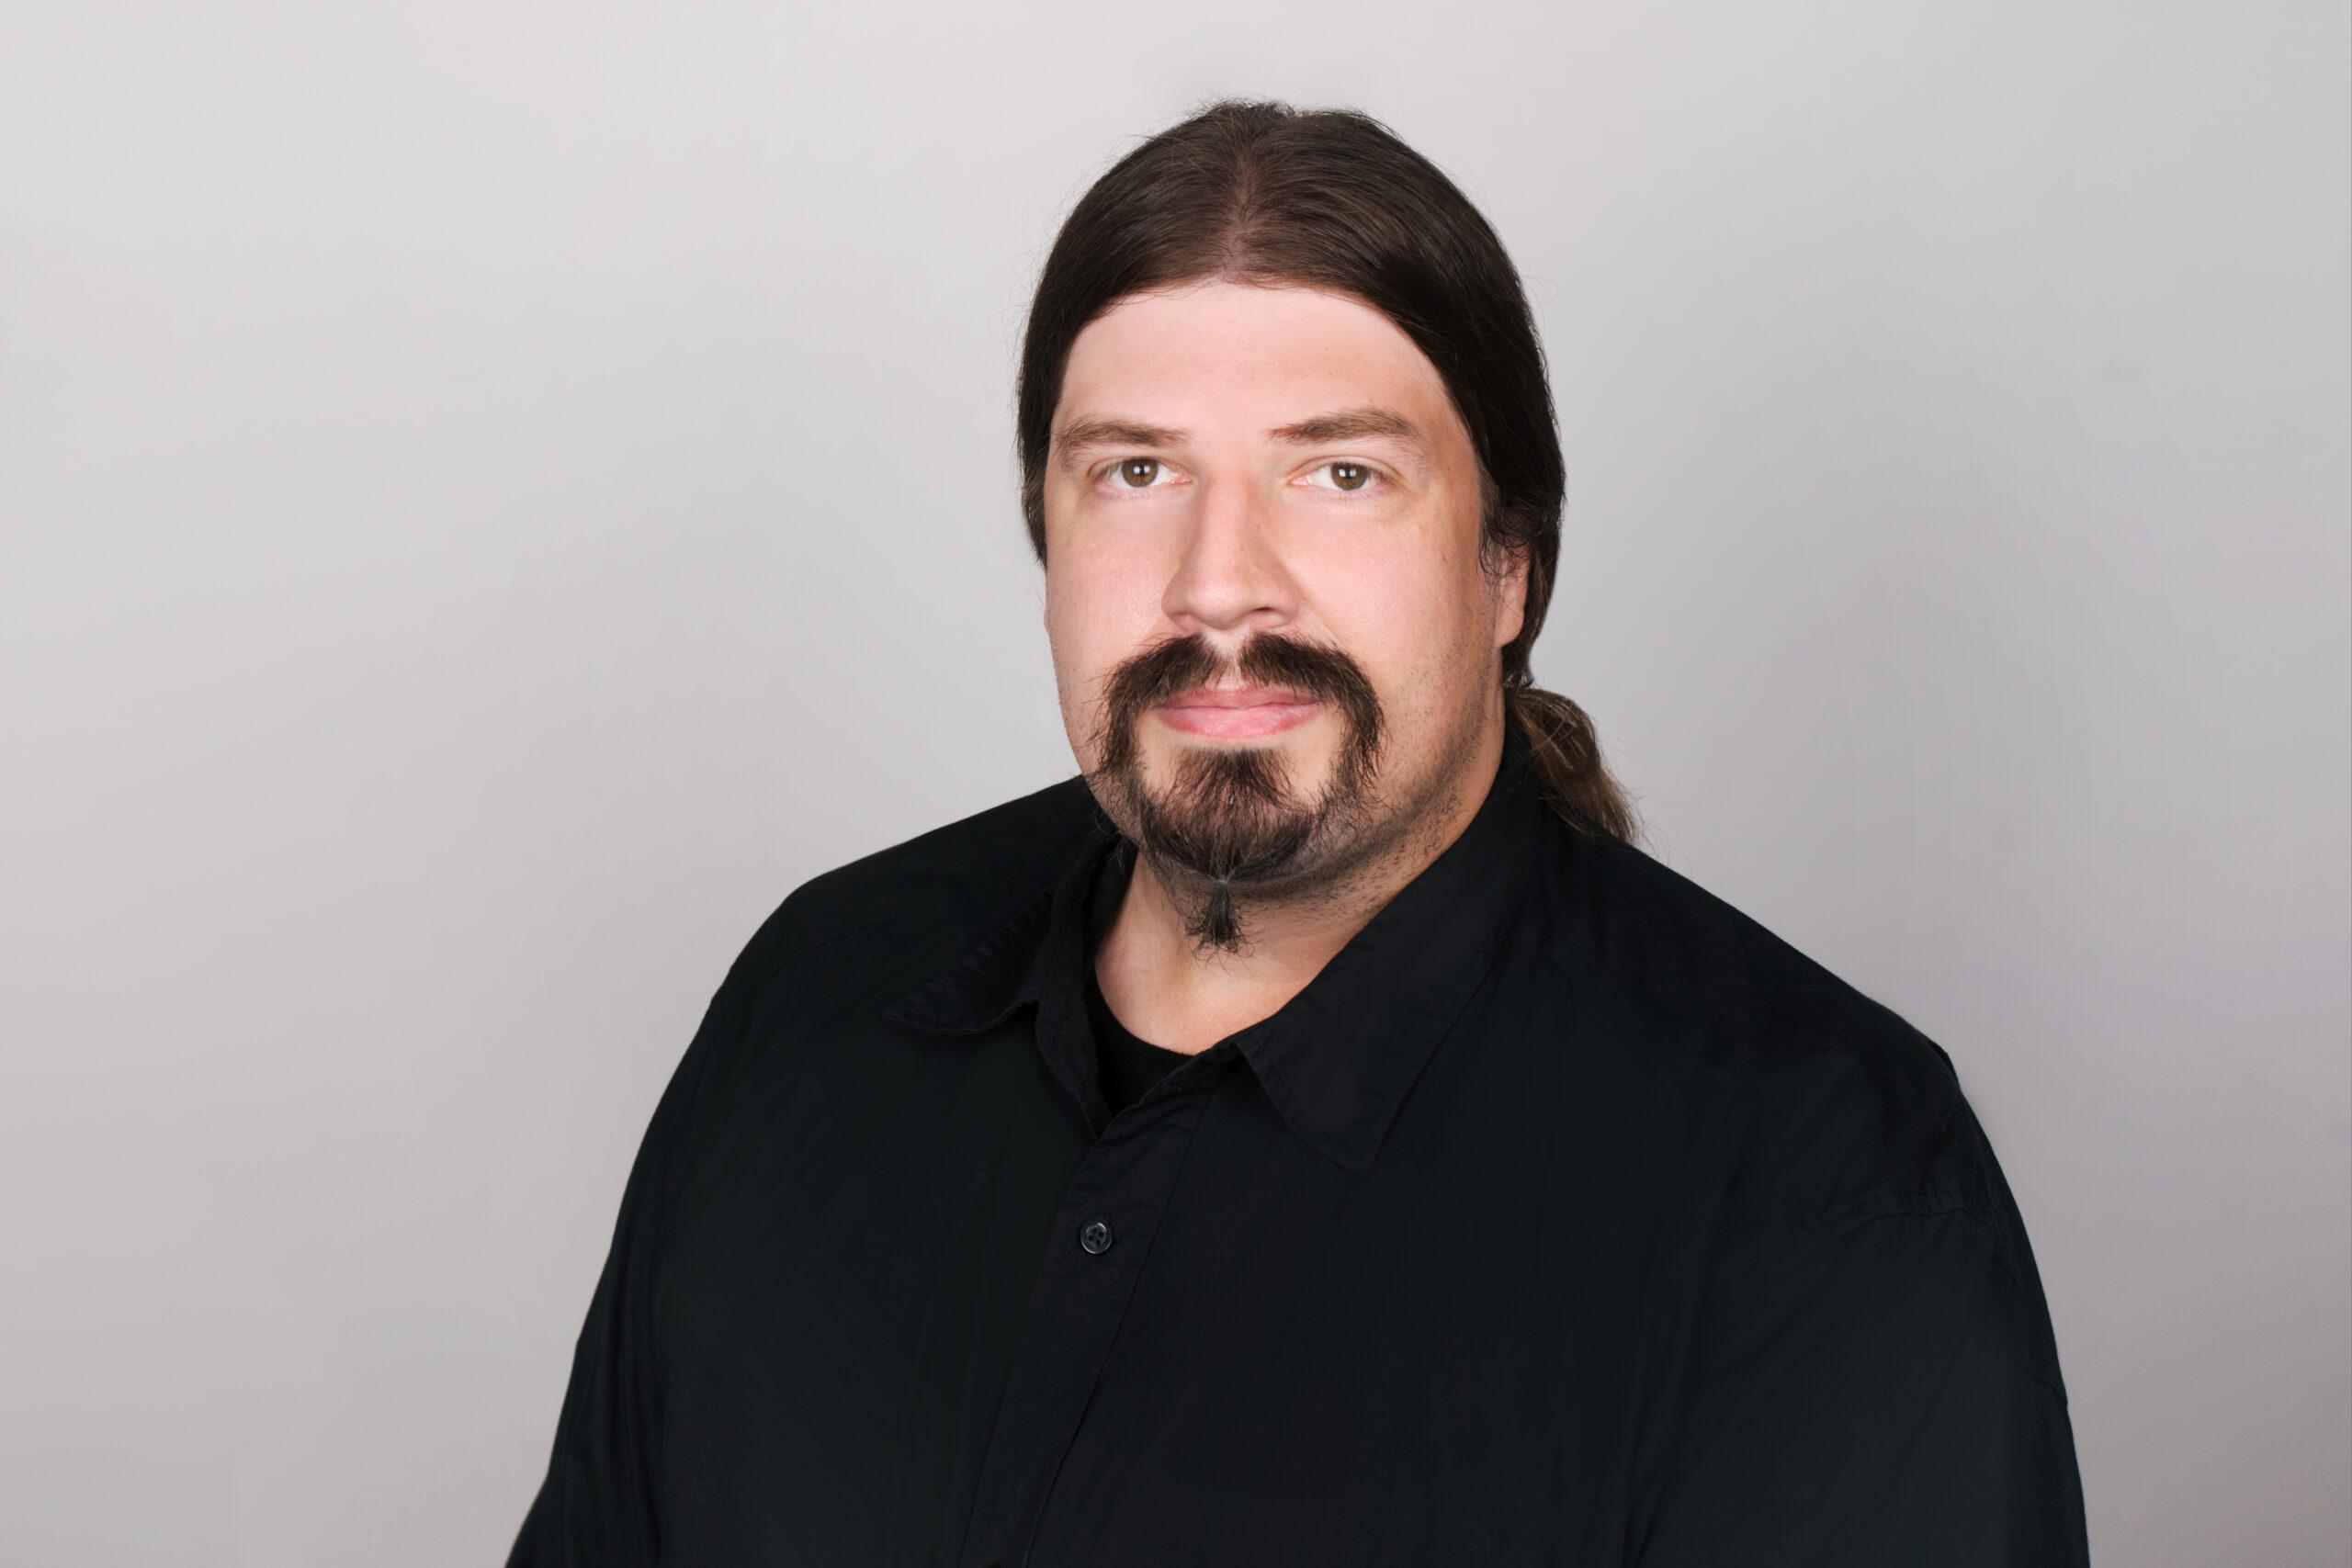 Markus Ewald